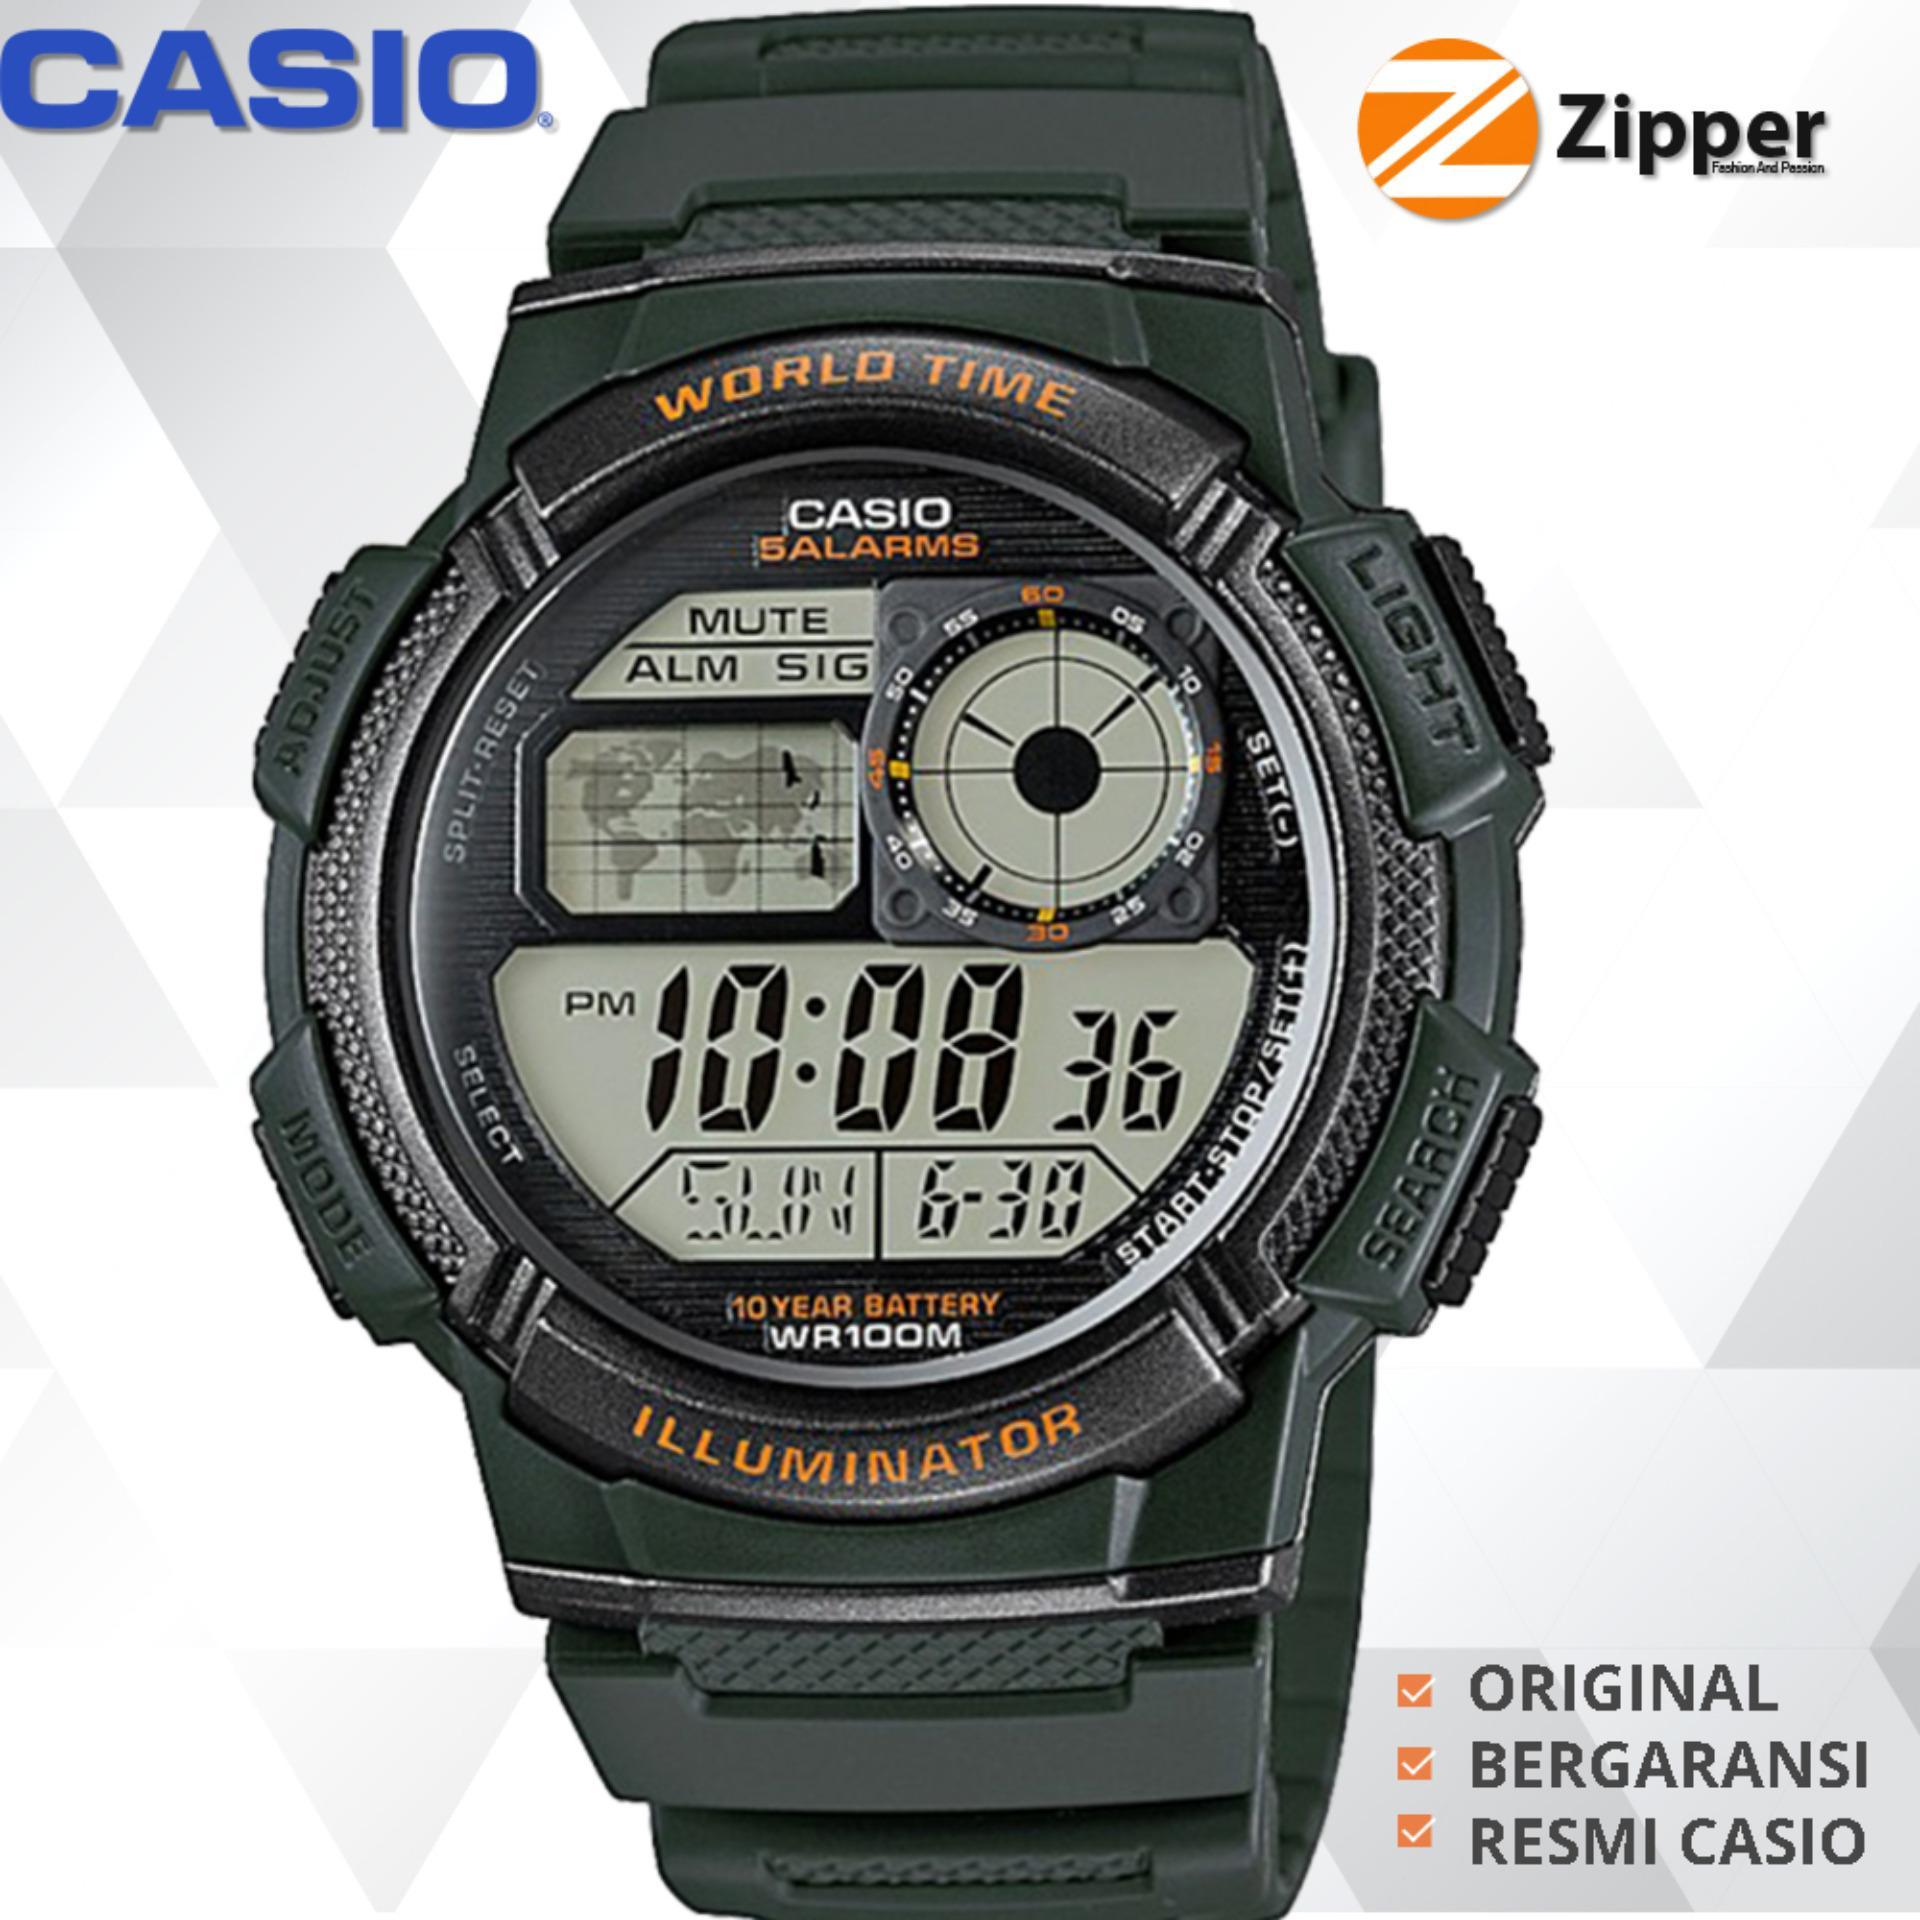 Casio Illuminator Jam Tangan Digital Men and Women AE-1000W Youth Series -  Tali Karet a3b2cee91f